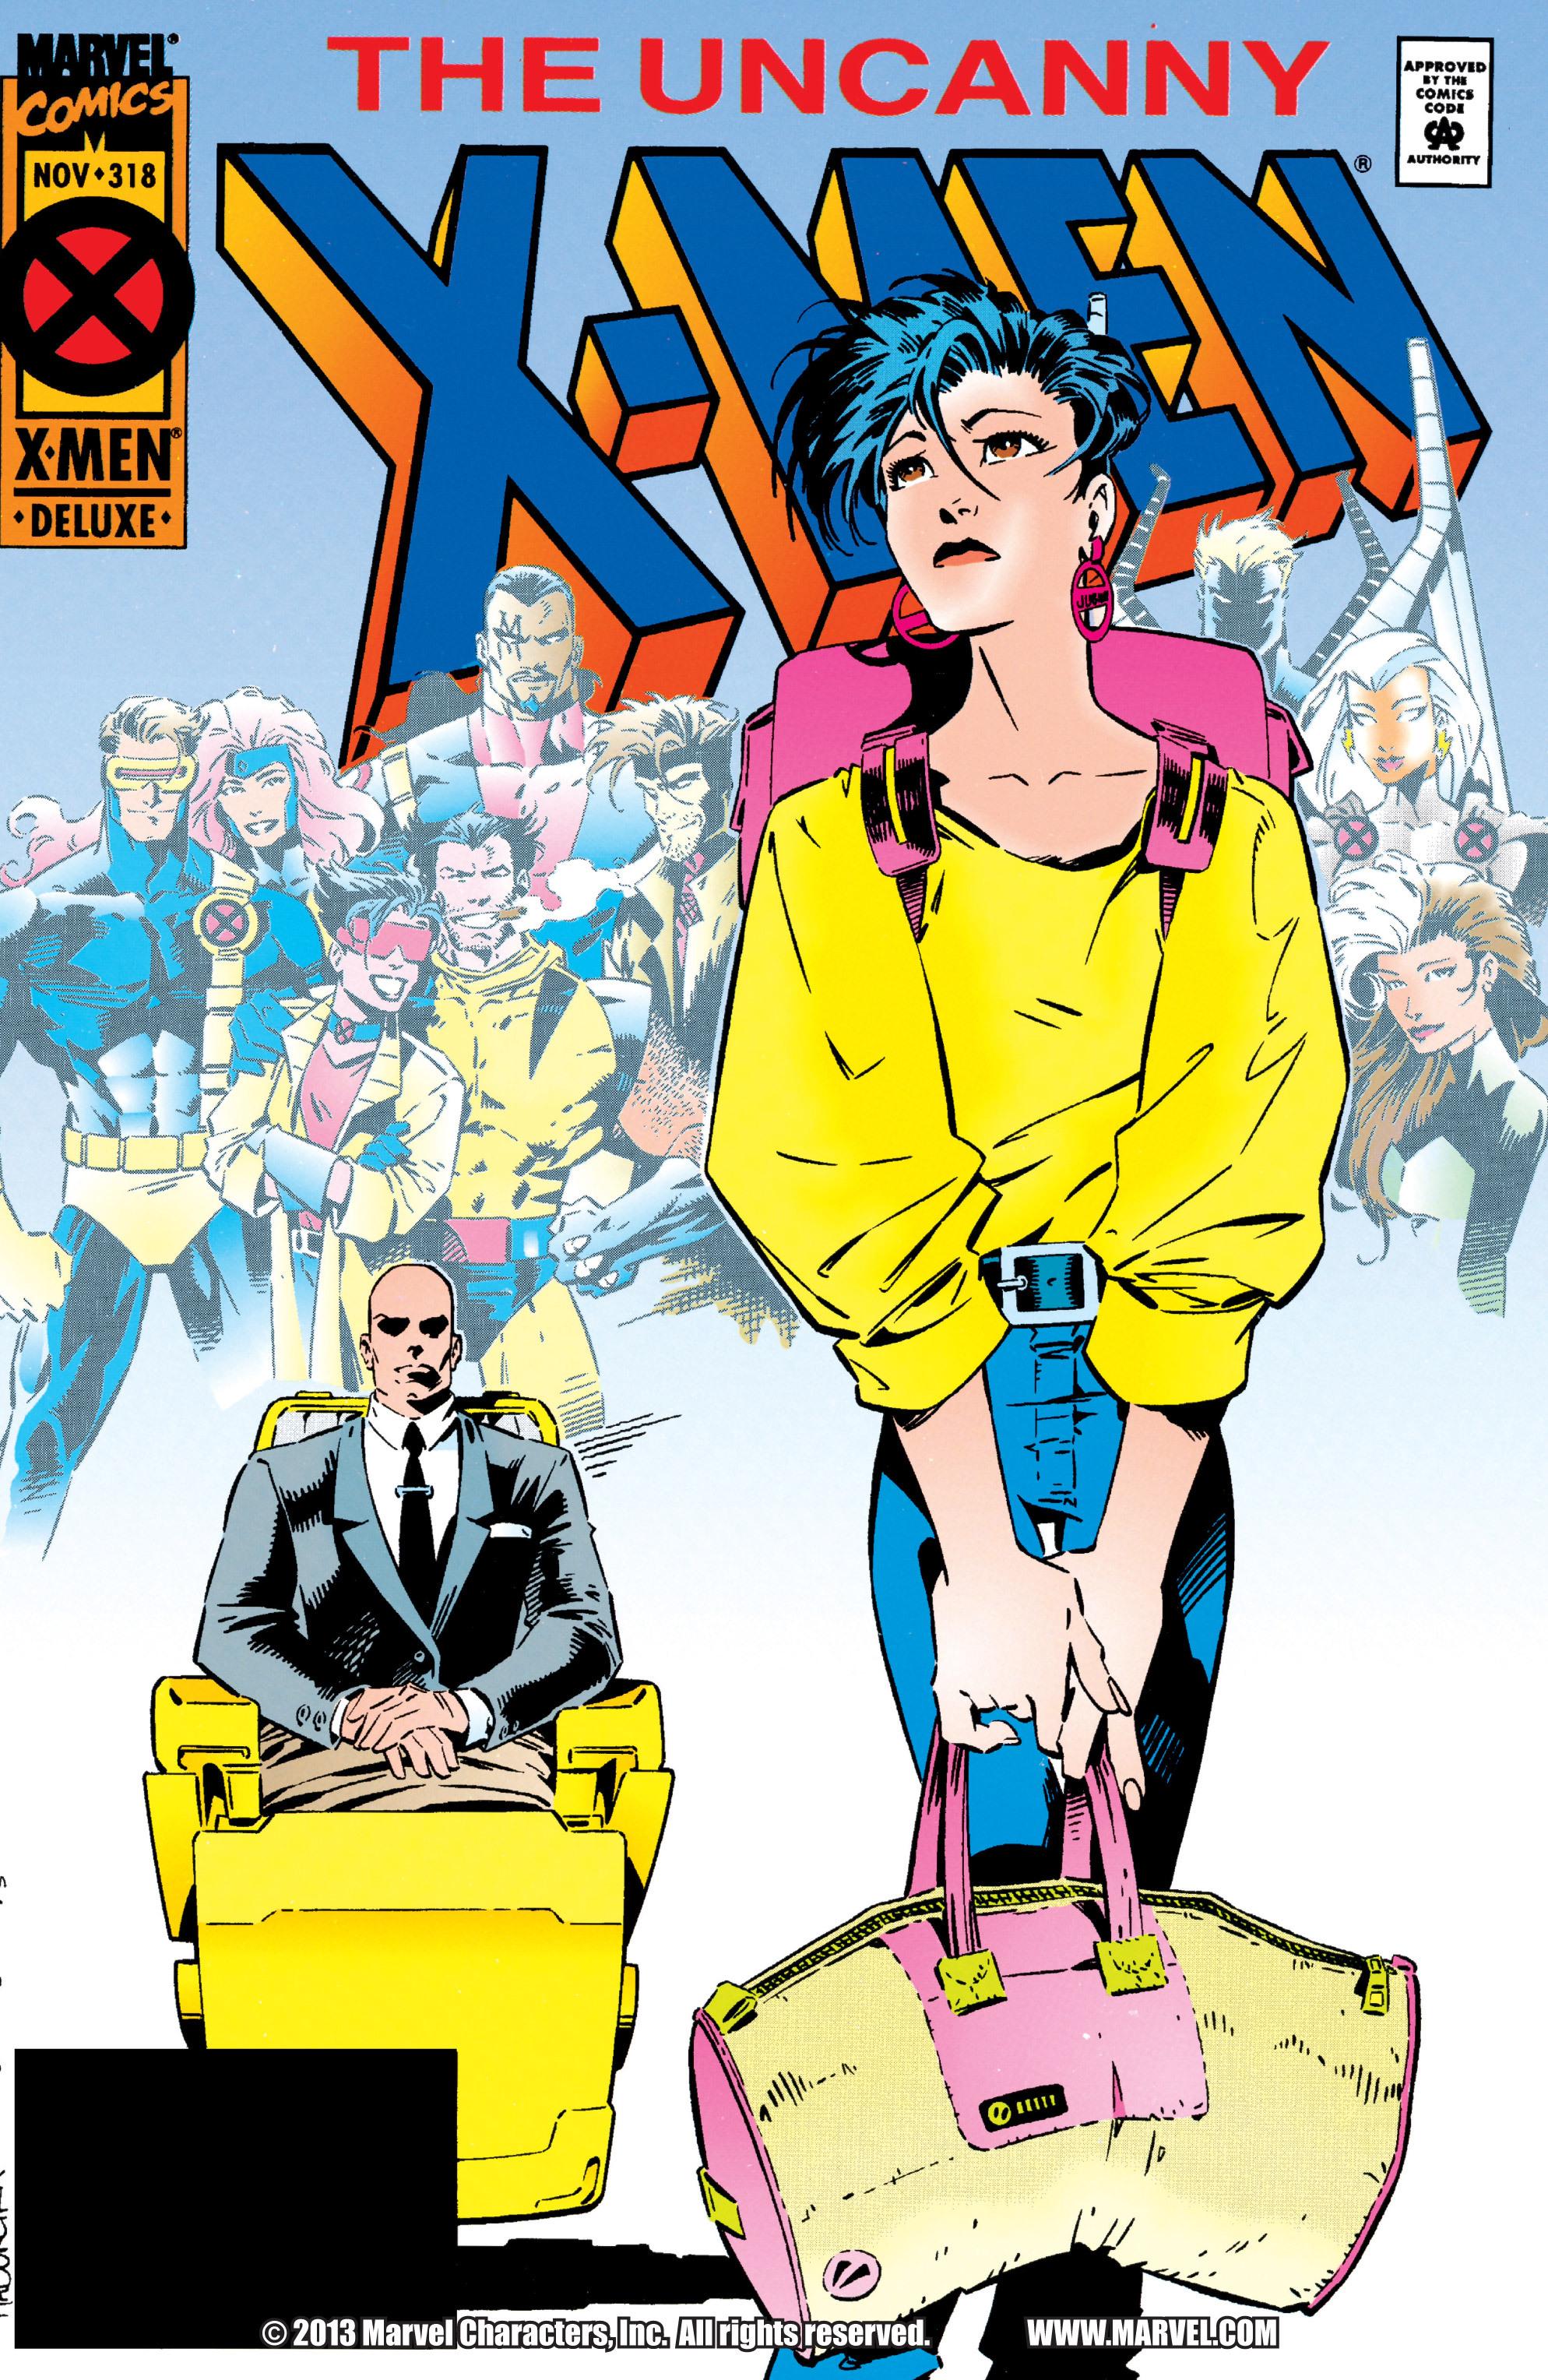 Read online Uncanny X-Men (1963) comic -  Issue #318 - 1